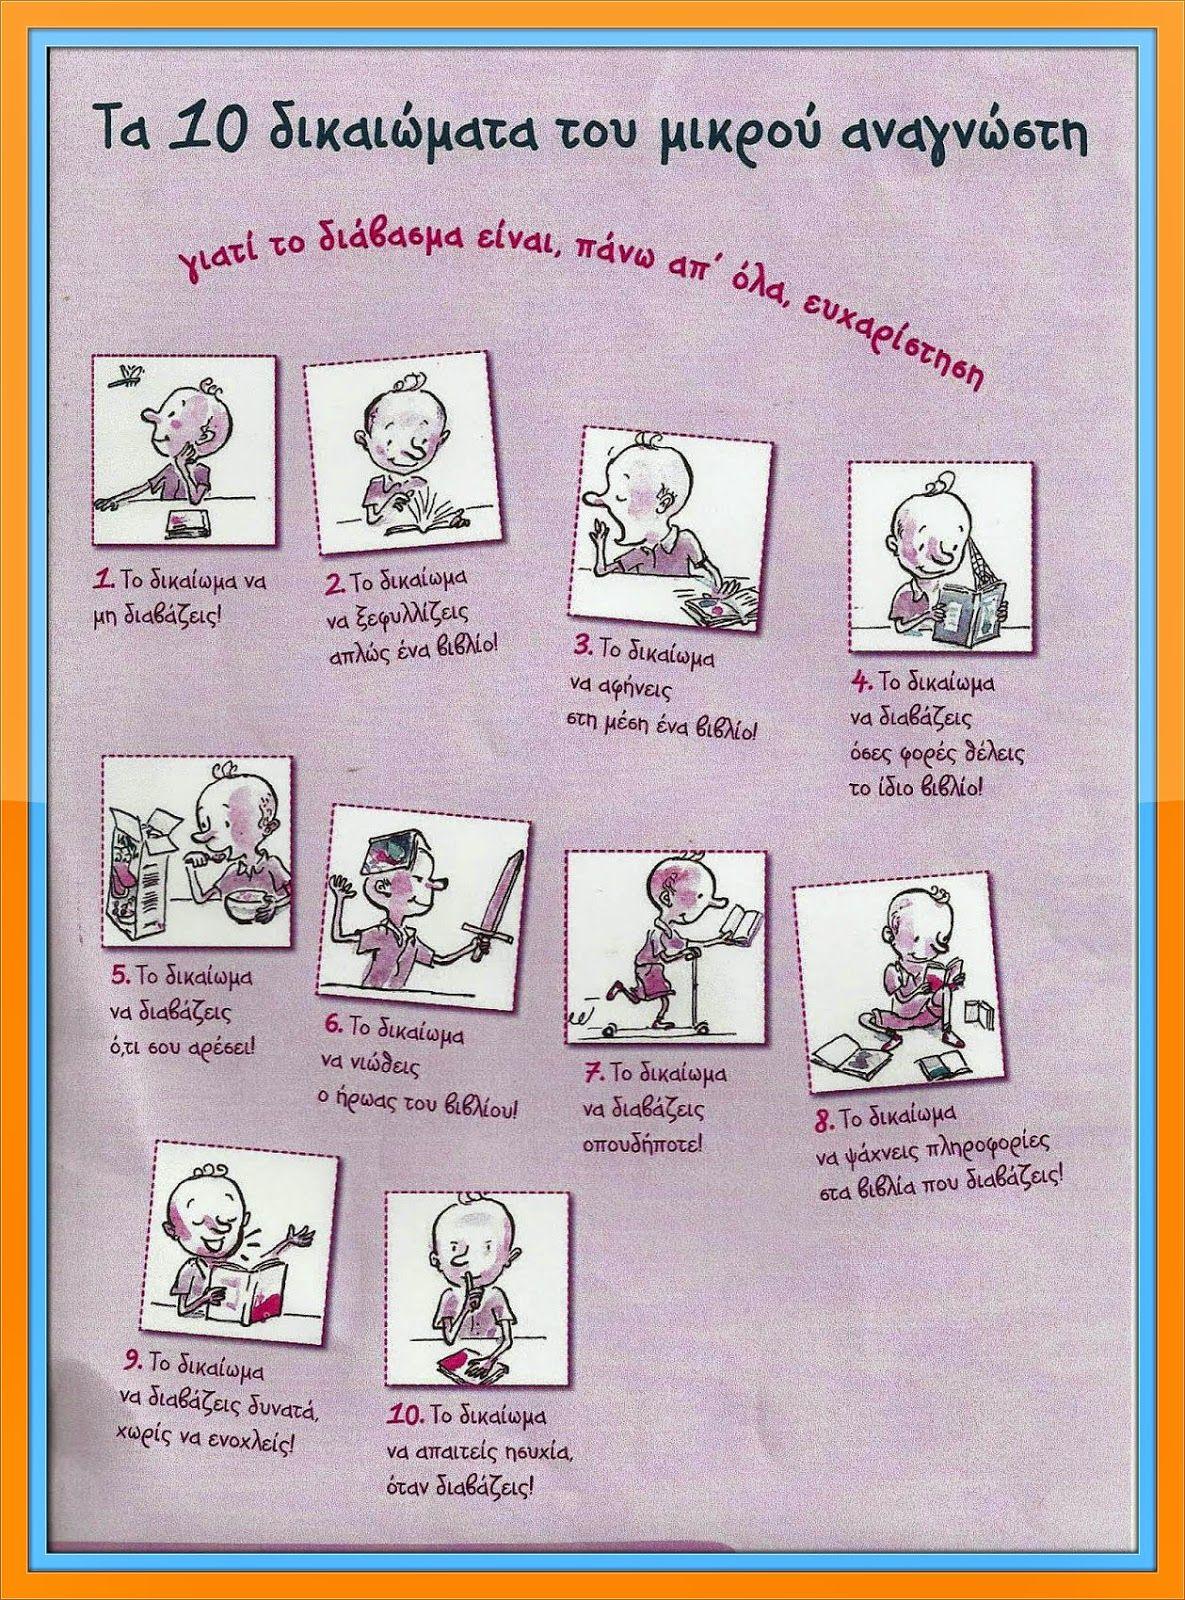 Αγαπημένα παιδικά βιβλία...: Τα 10 δικαιώματα του (μικρού) αναγνώστη. | School activities, School, Activities